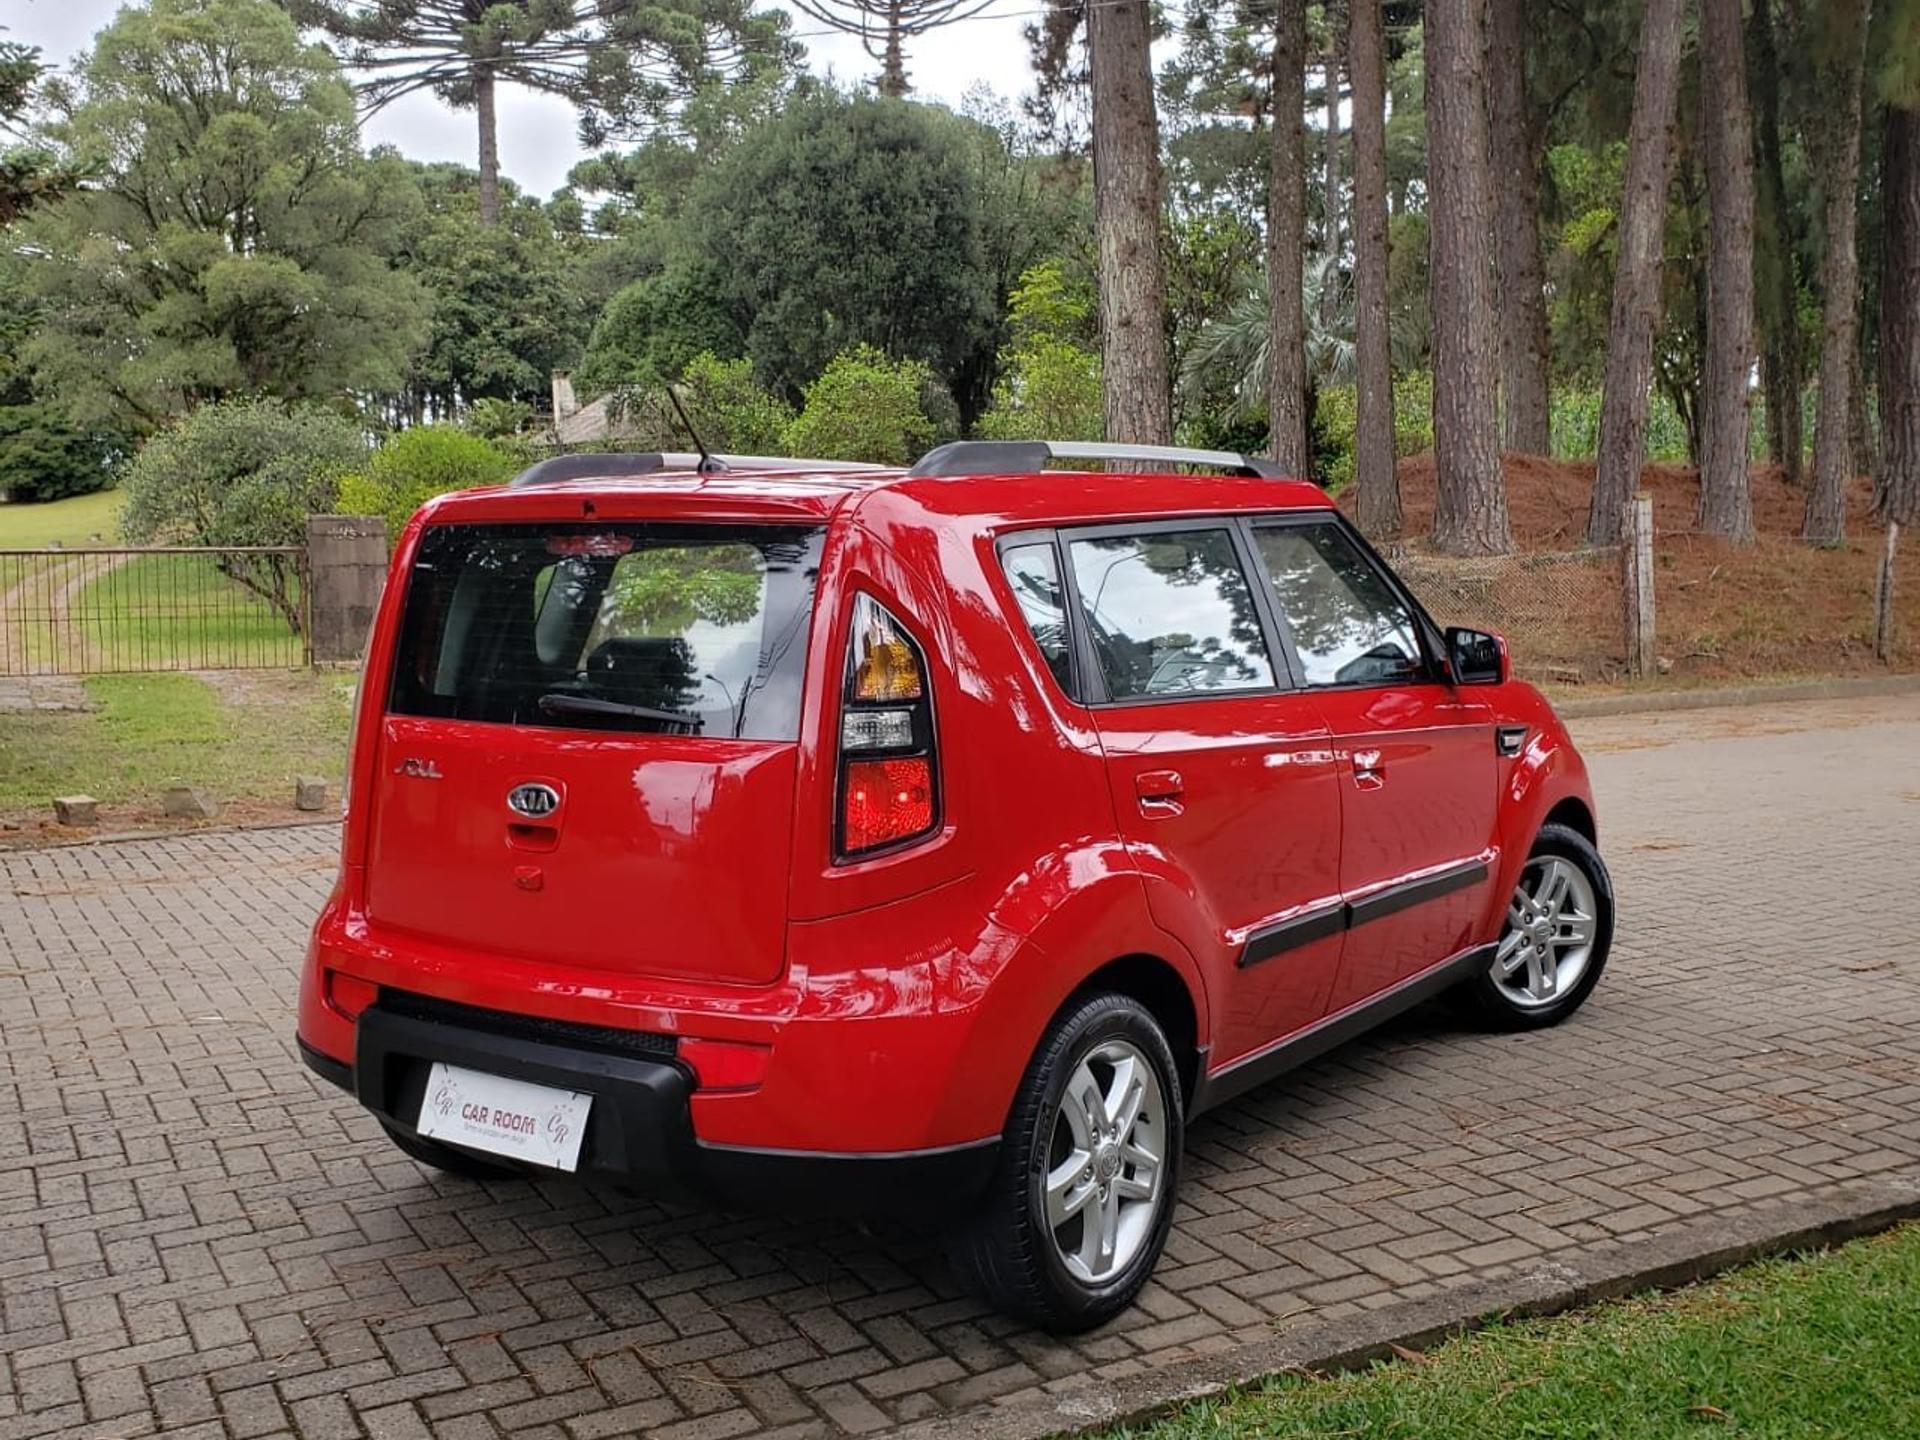 Kia Soul 1.6 Ex 16v Gasolina 4p Automatico Wmimagem17491197532